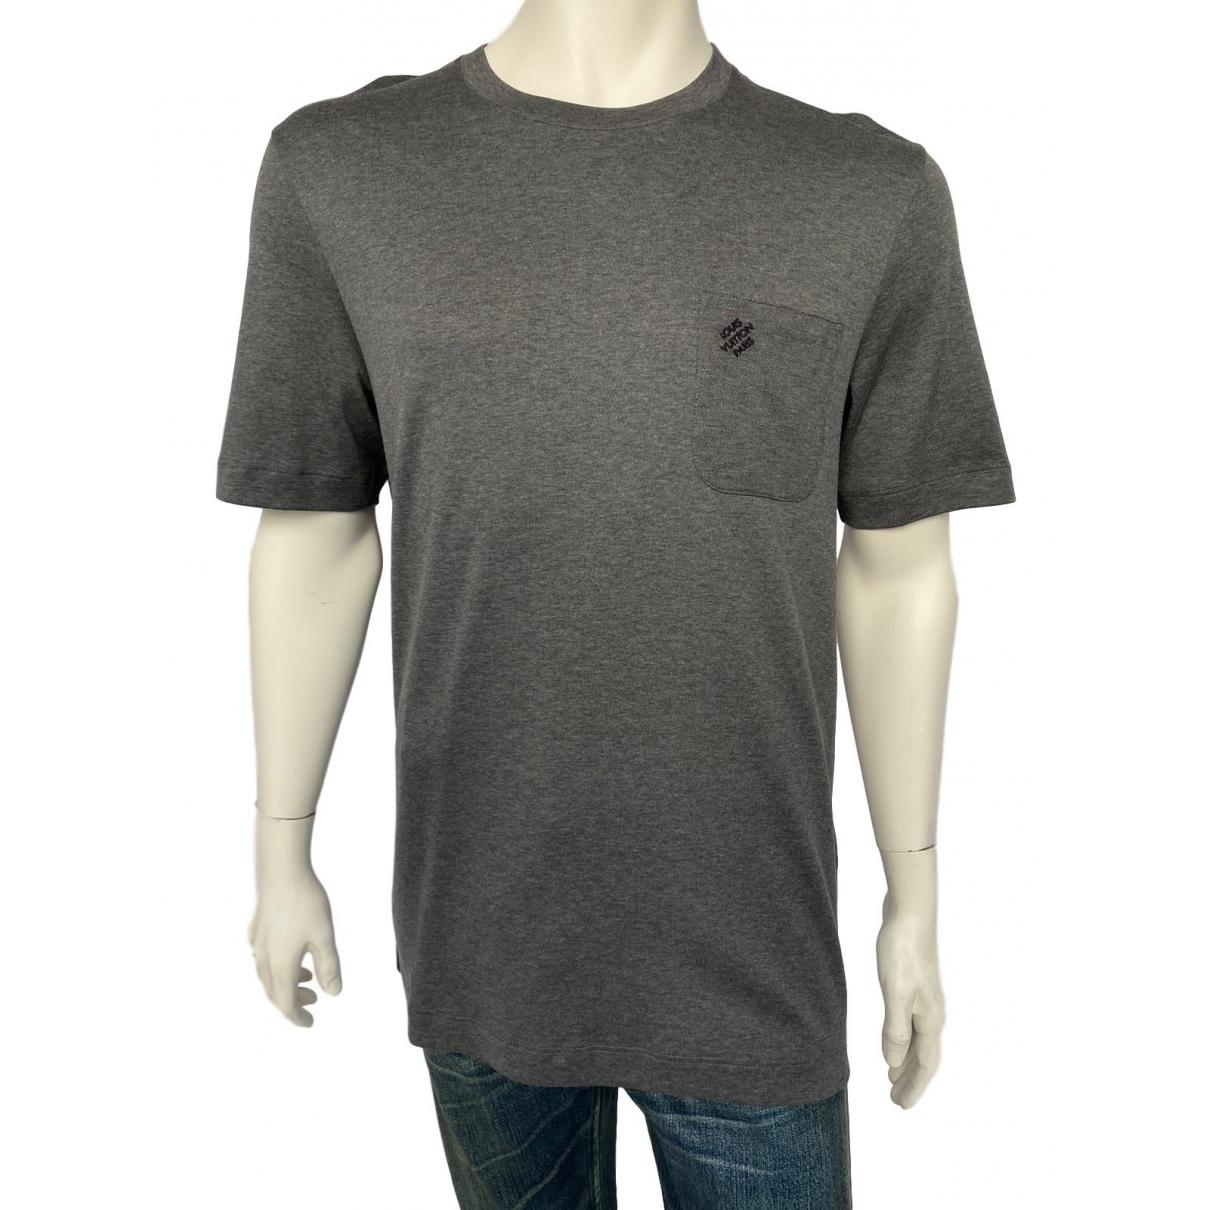 Louis Vuitton - Tee shirts   pour homme en coton - gris